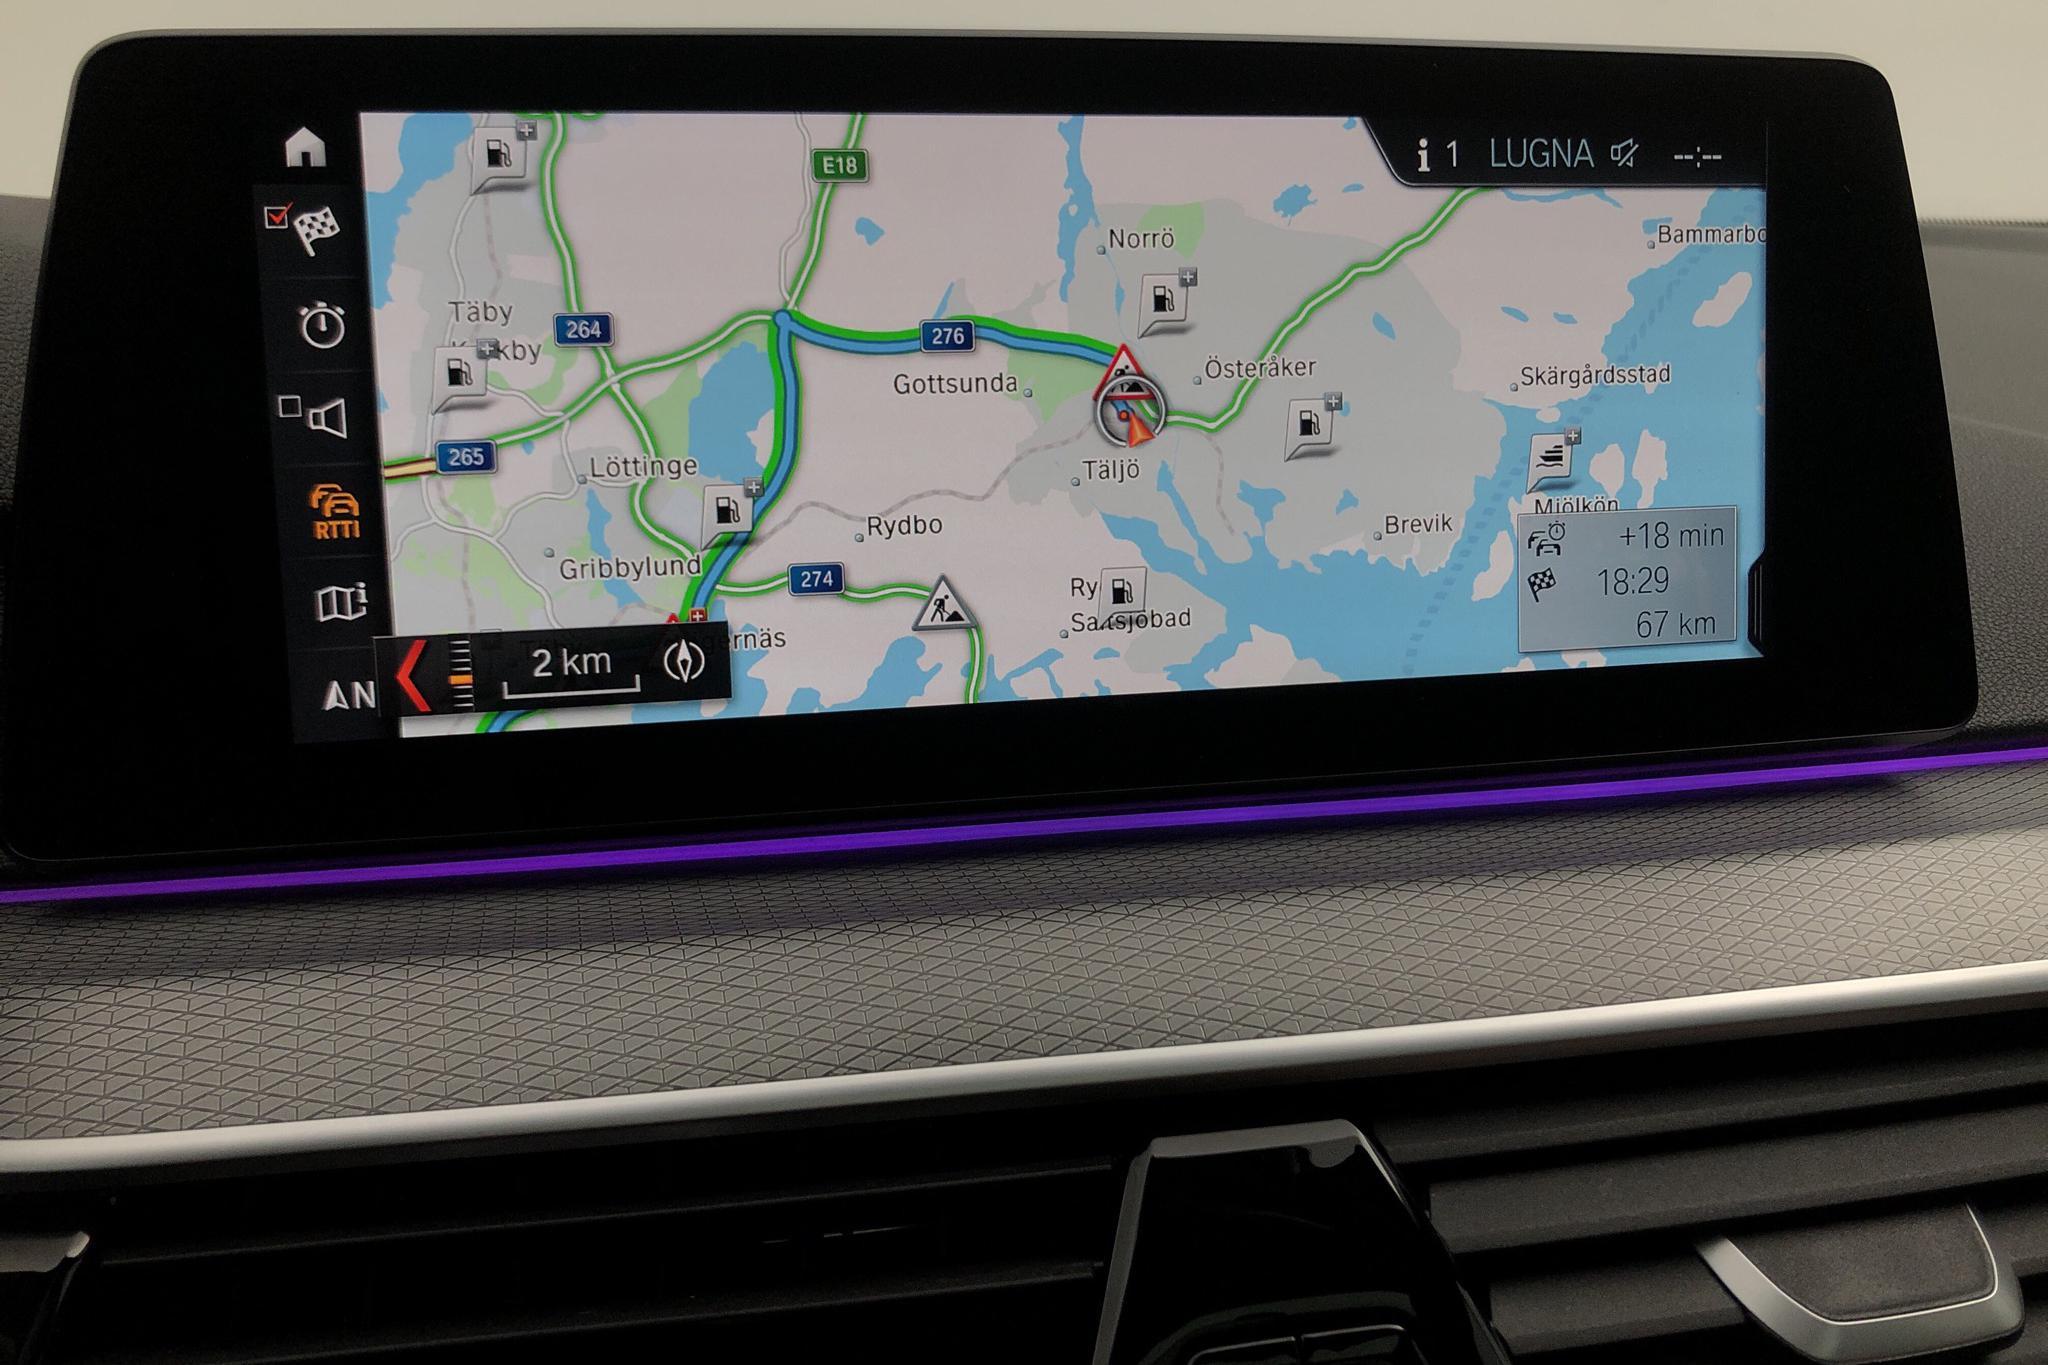 BMW 520d xDrive Sedan, G30 (190hk) - 35 550 km - Automatic - gray - 2019